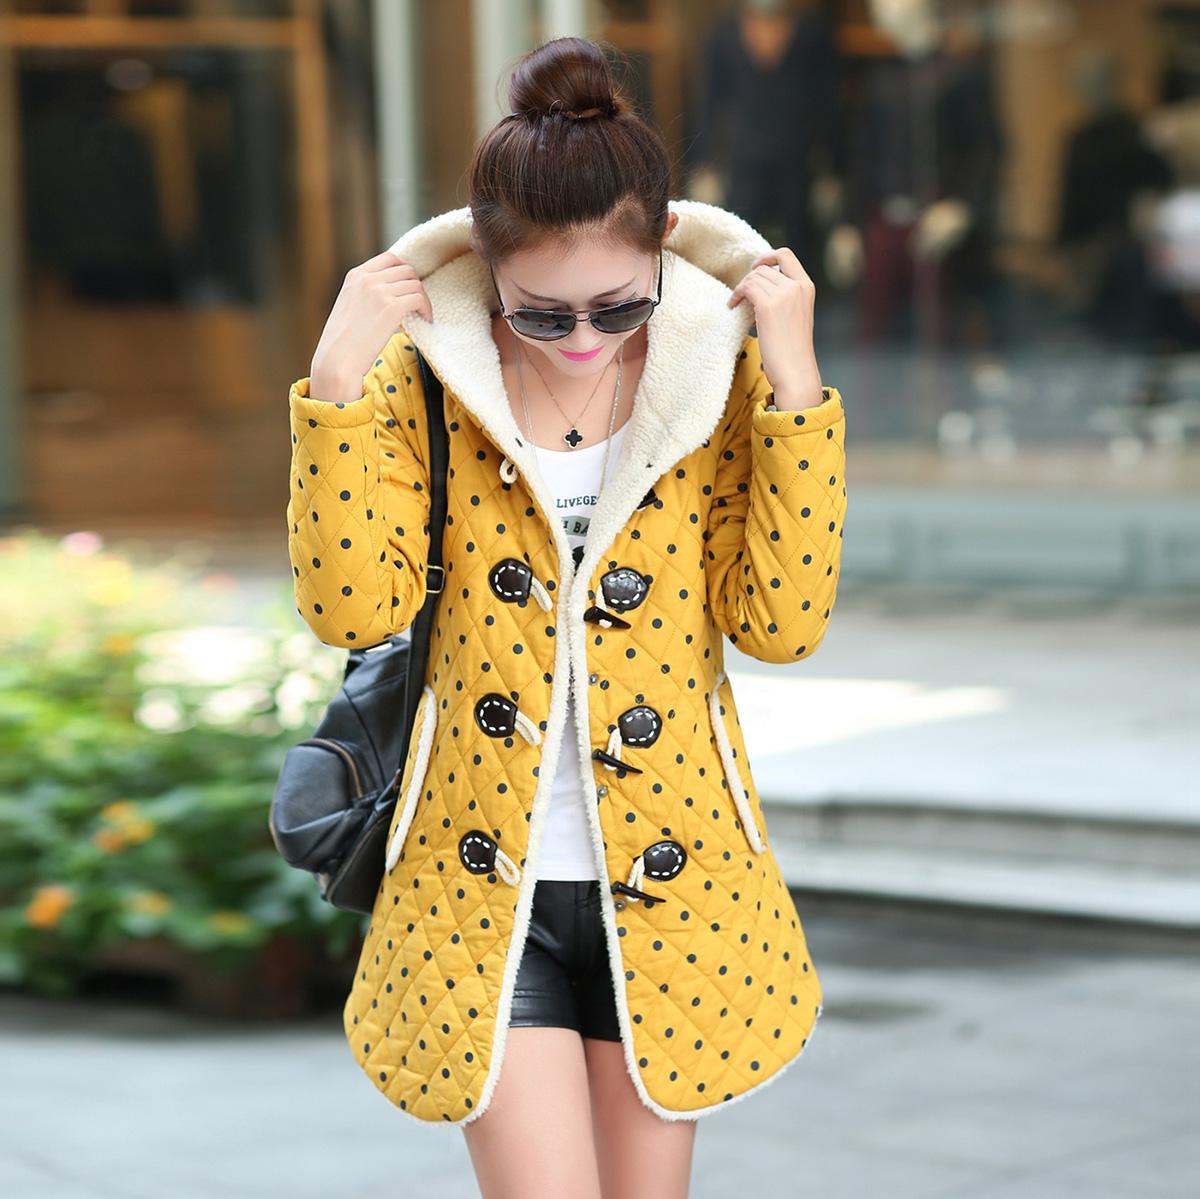 新款棉服女中长款韩国 修身大码女装棉衣连帽学生冬装少女式棉袄